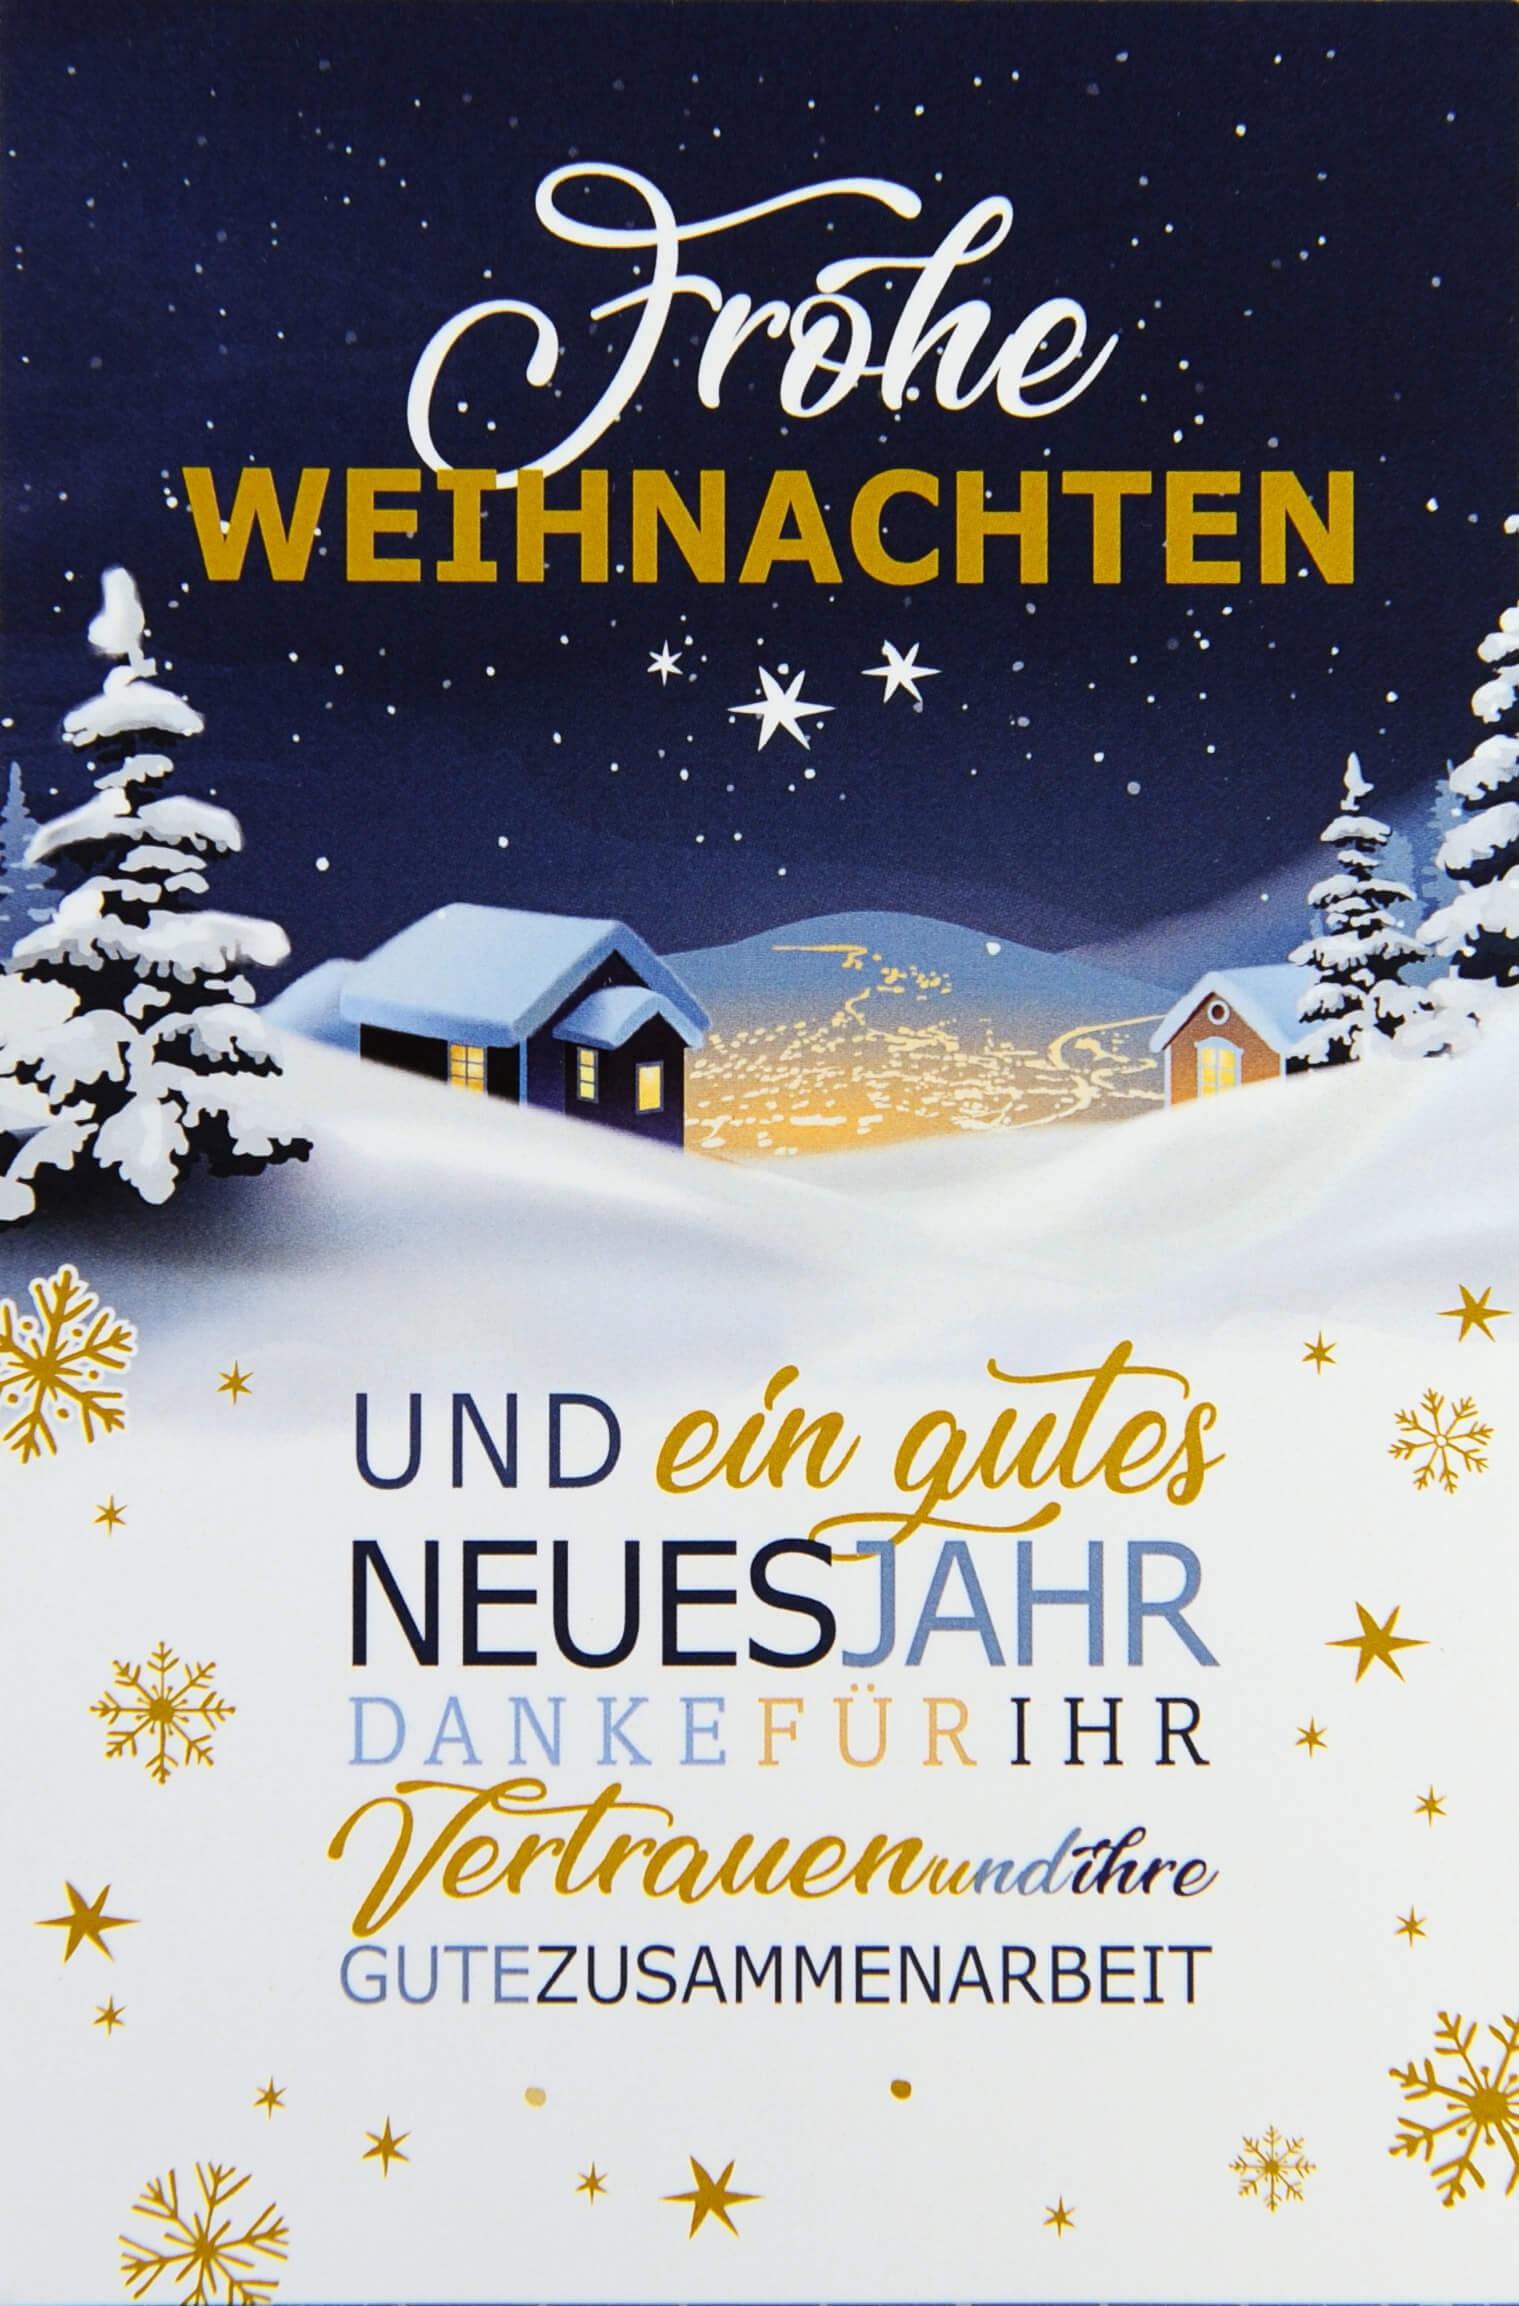 Weihnachtsgrüße Klassisch.Firmenweihnachtskarte Mit Verschneiter Winterlandschaft Bei Nacht